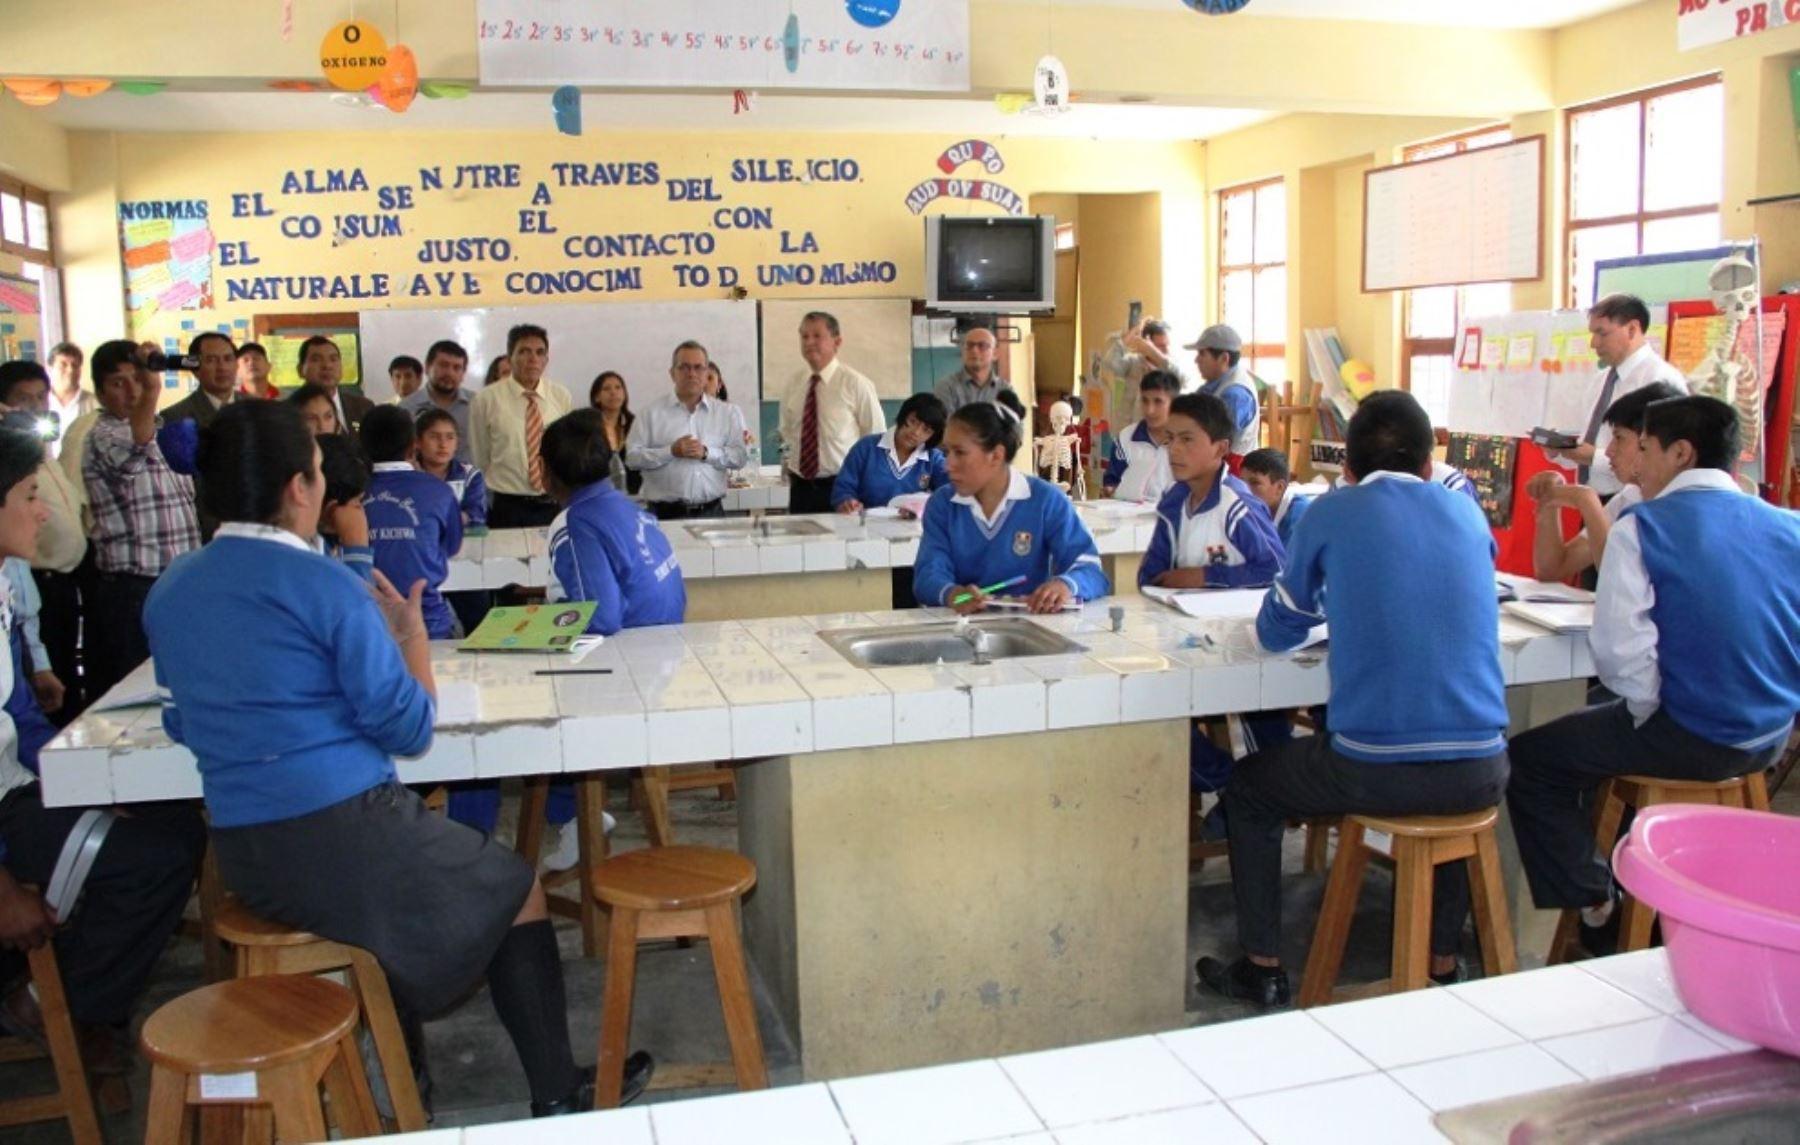 Nuevo Curriculo Escolar de Educación Básica está en pleno proceso de implementación, informó viceministro de Gestión Pedagógica, Flavio Figallo.